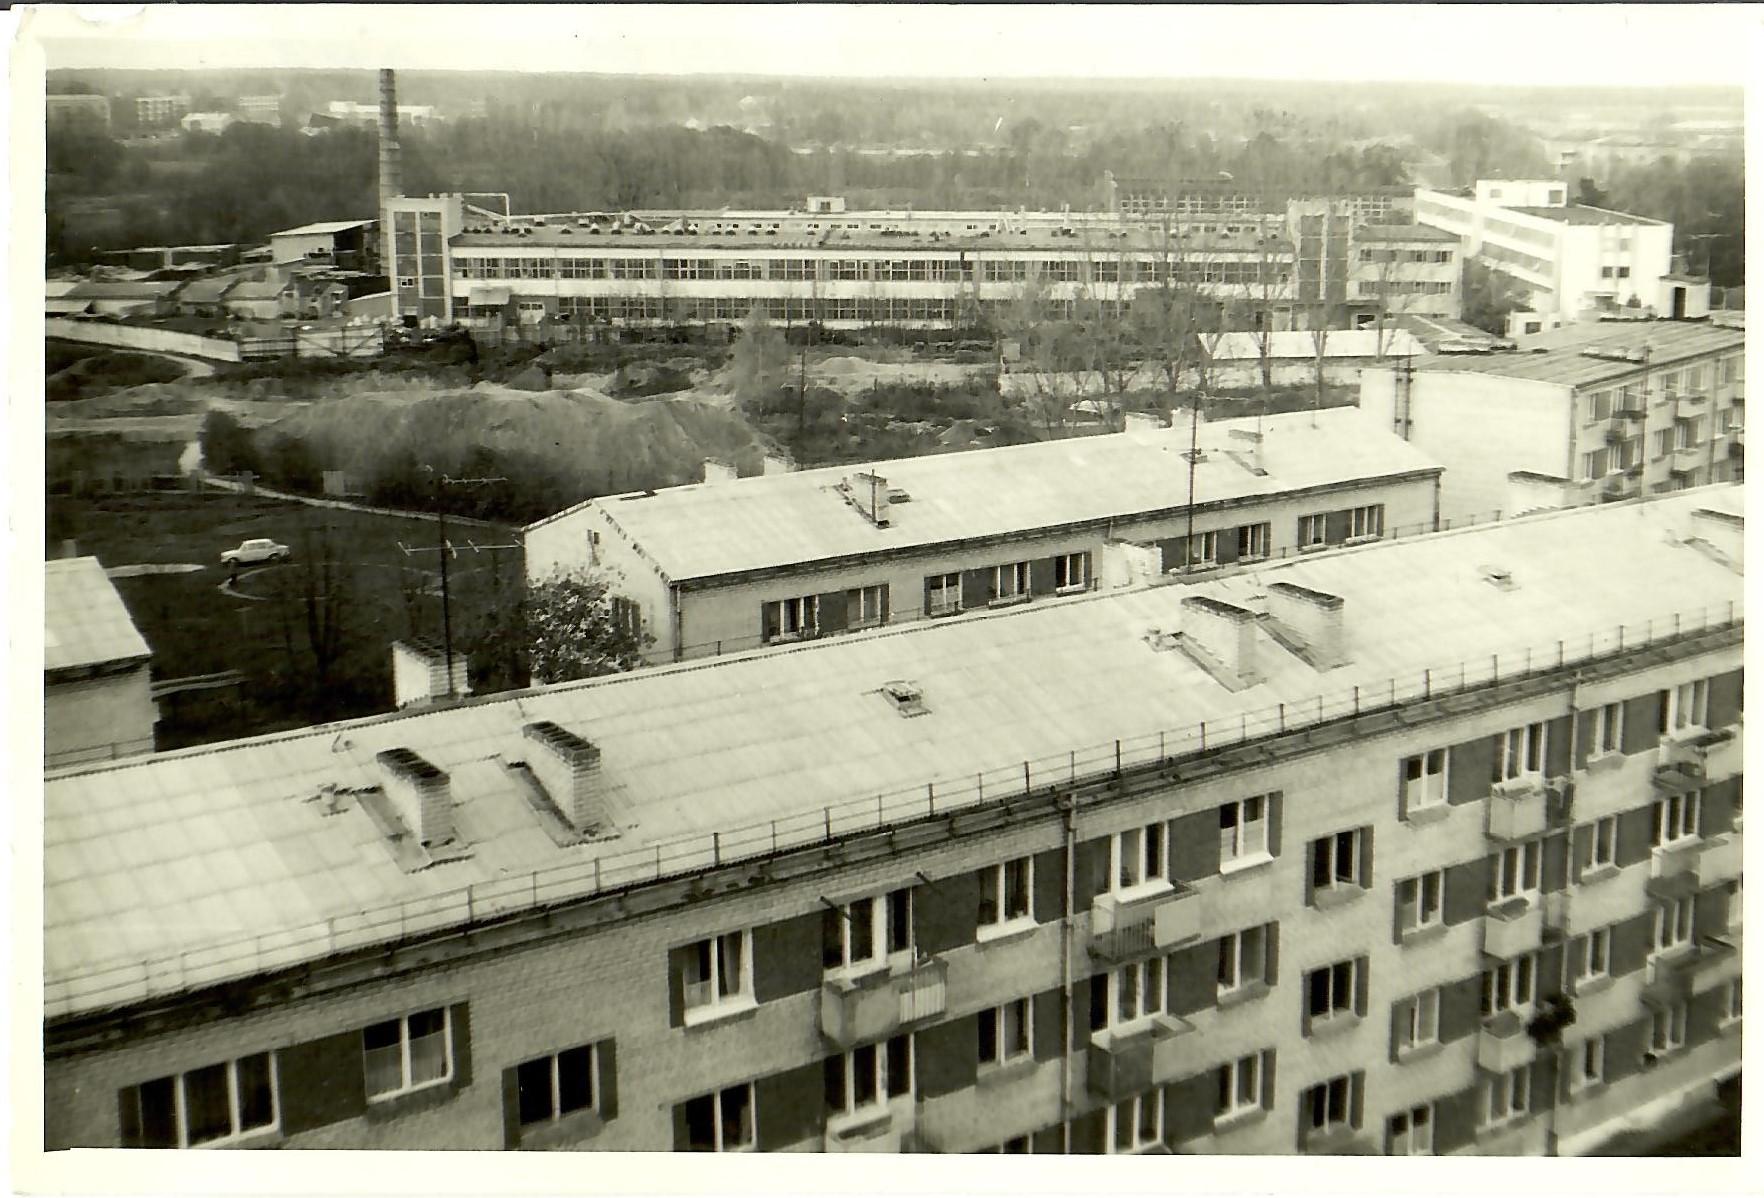 Skats uz ciematu no 13.korpusa 9.stāva. 1988.gada oktobrī. (Foto no V.Kārkliņa arhīva)